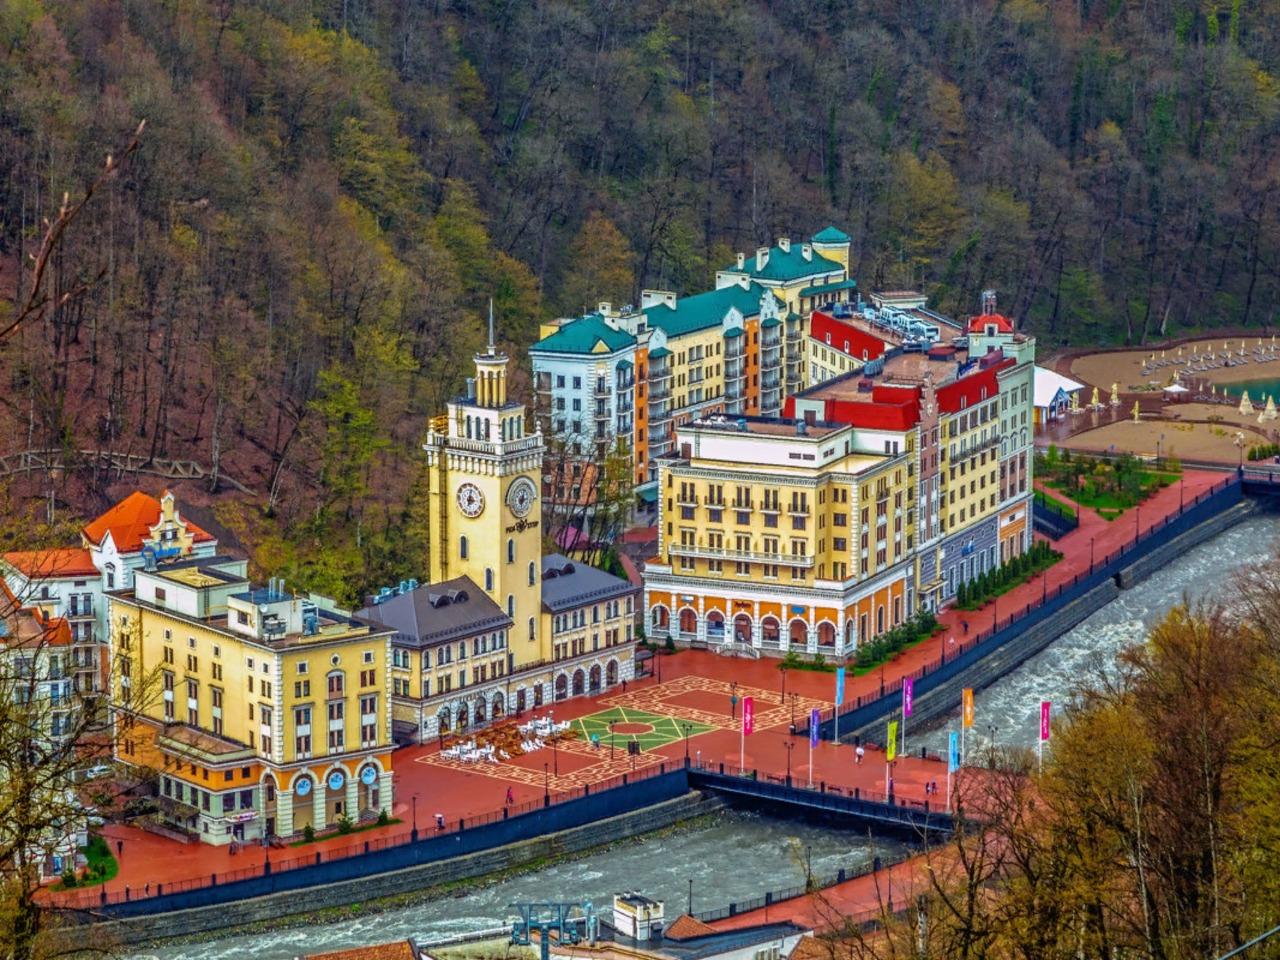 Захватывающее путешествие по Русскому Куршевелю - индивидуальная экскурсия в Сочи от опытного гида